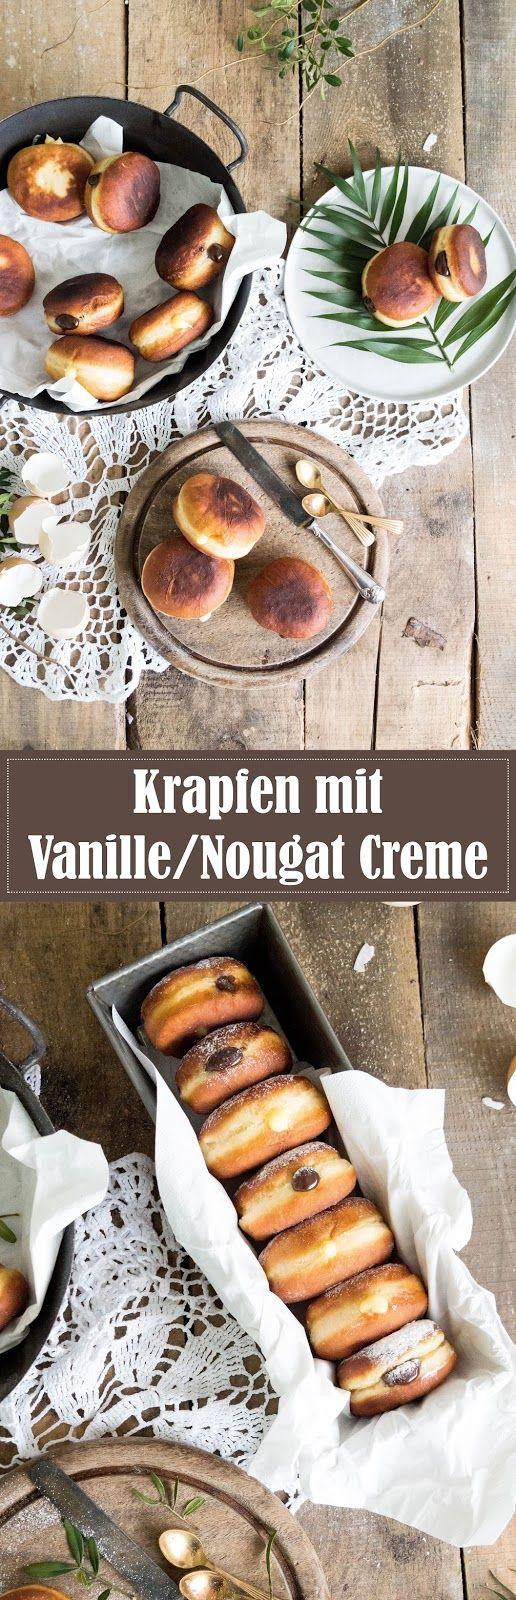 Fifty Shades of Krapfen: Faschingskrapfen mit Nougat- und ...